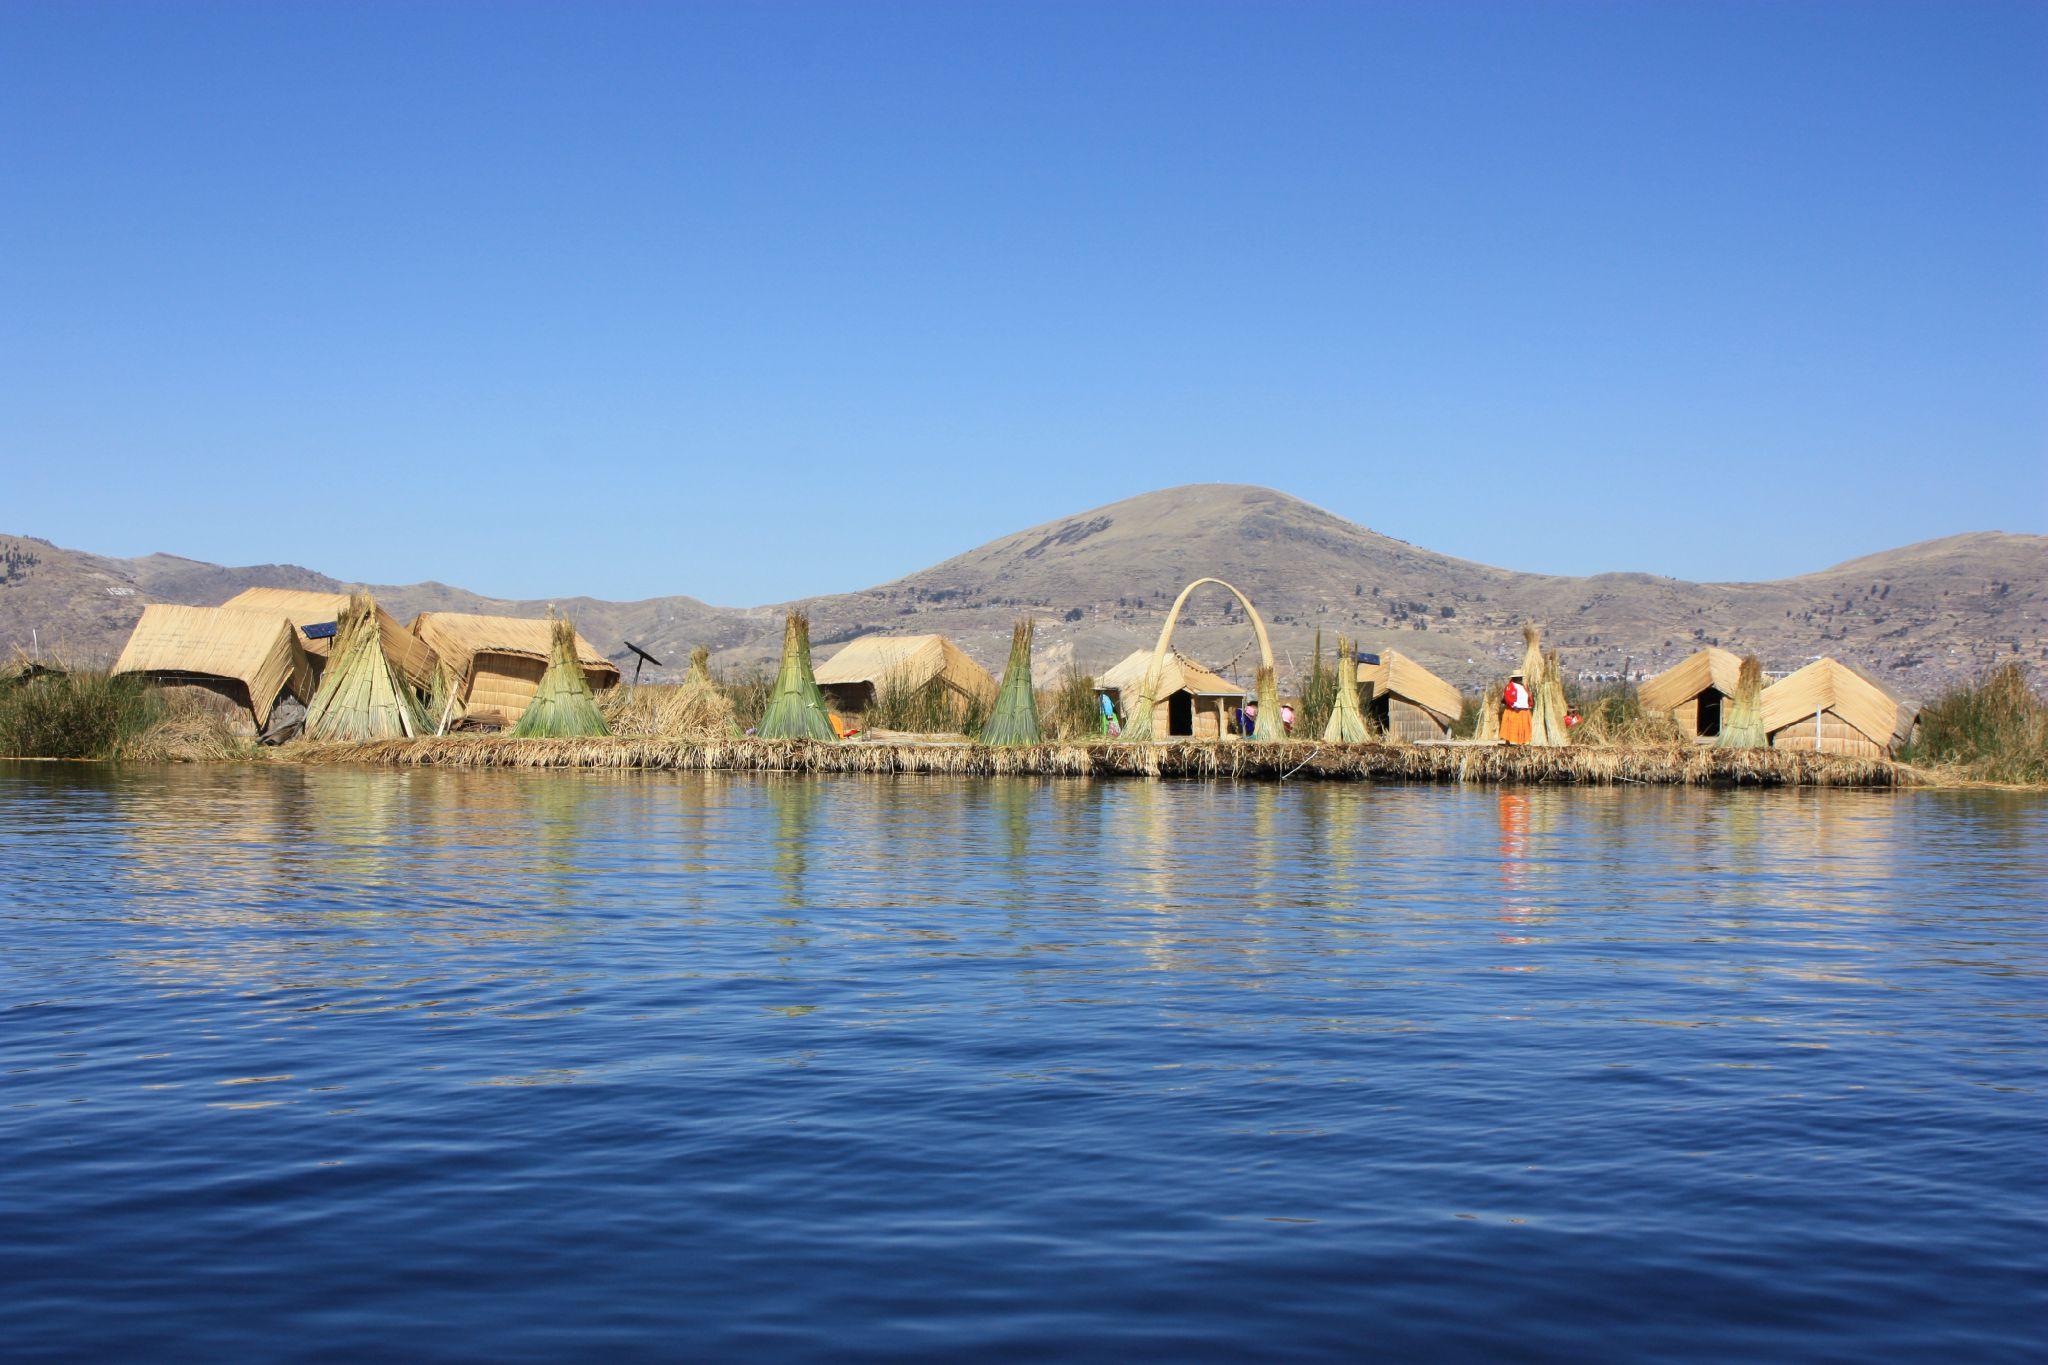 Lac titicaca les iles flottantes uros photo de p rou le voyage est la part du r ve